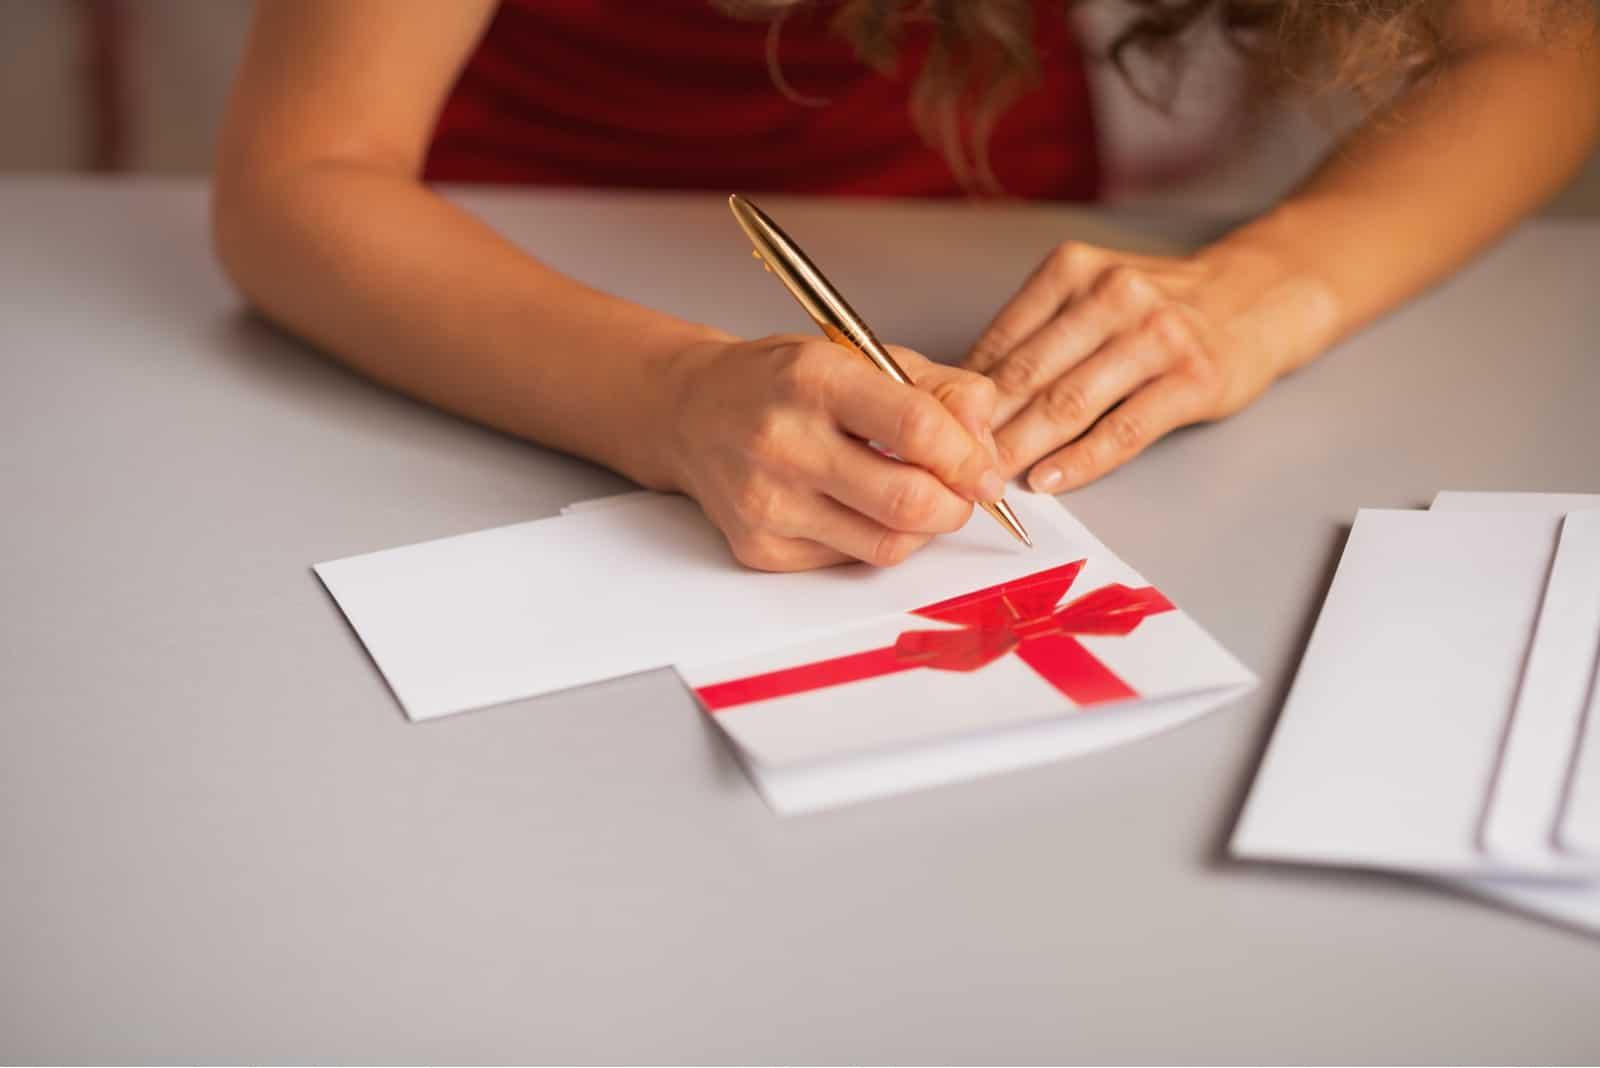 la femme s'assied à la table et écrit une carte de voeux